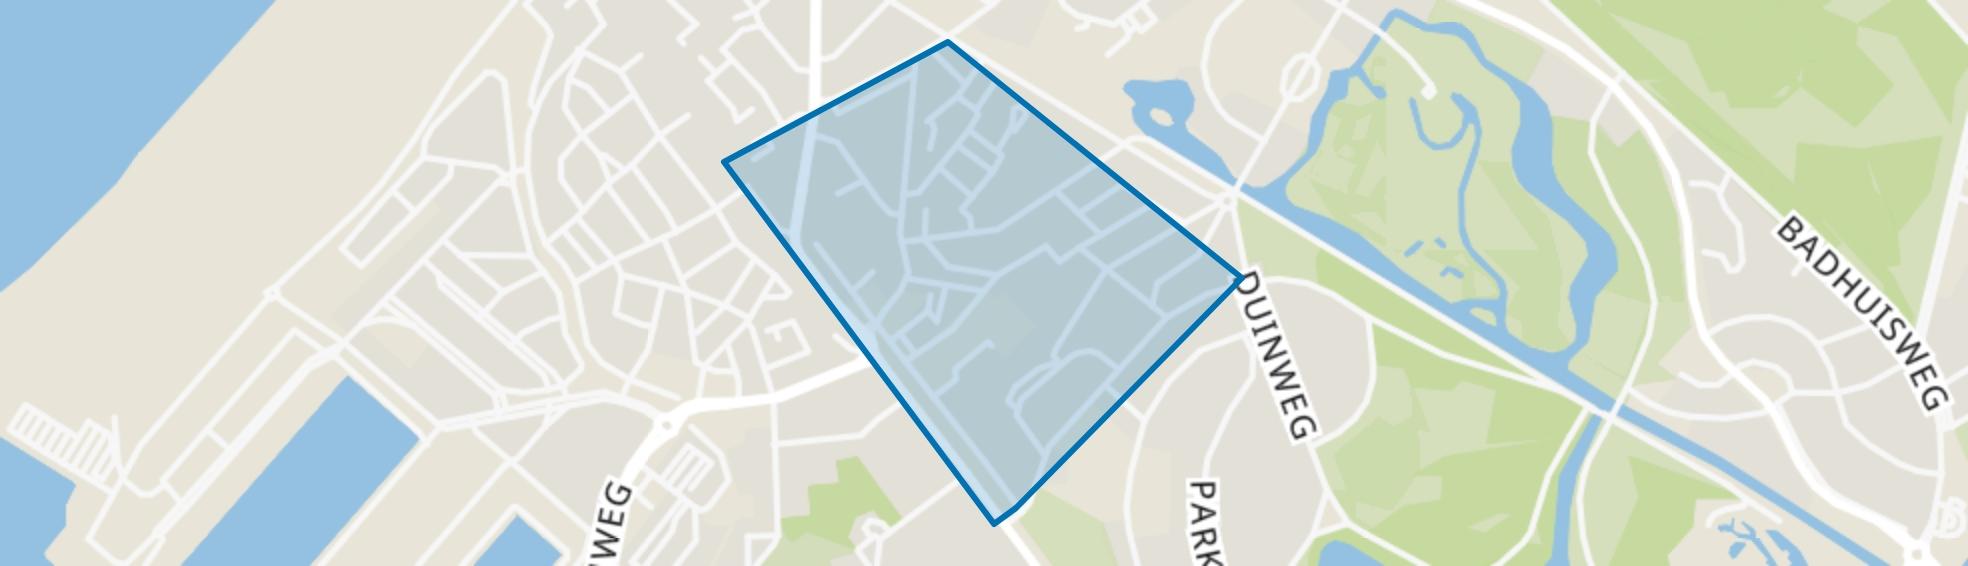 Visserijbuurt, Den Haag map